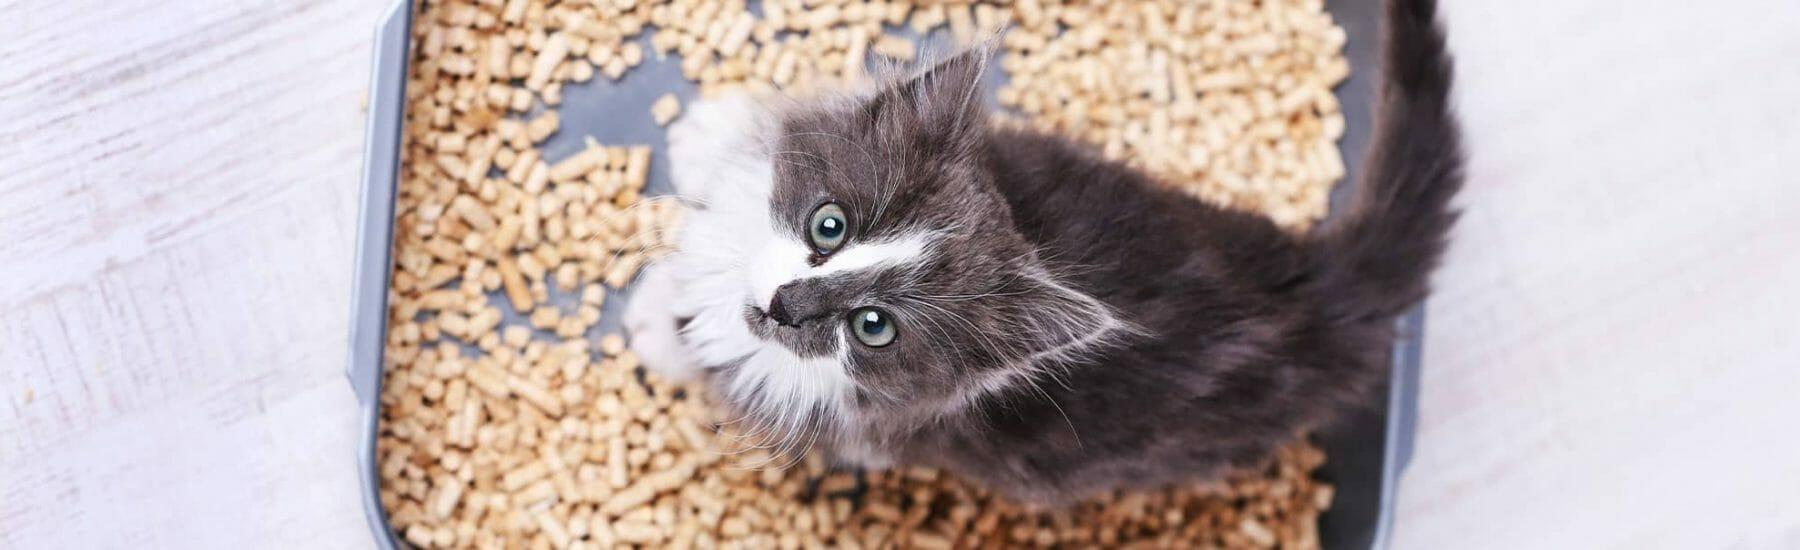 Kitten standing in a litter box